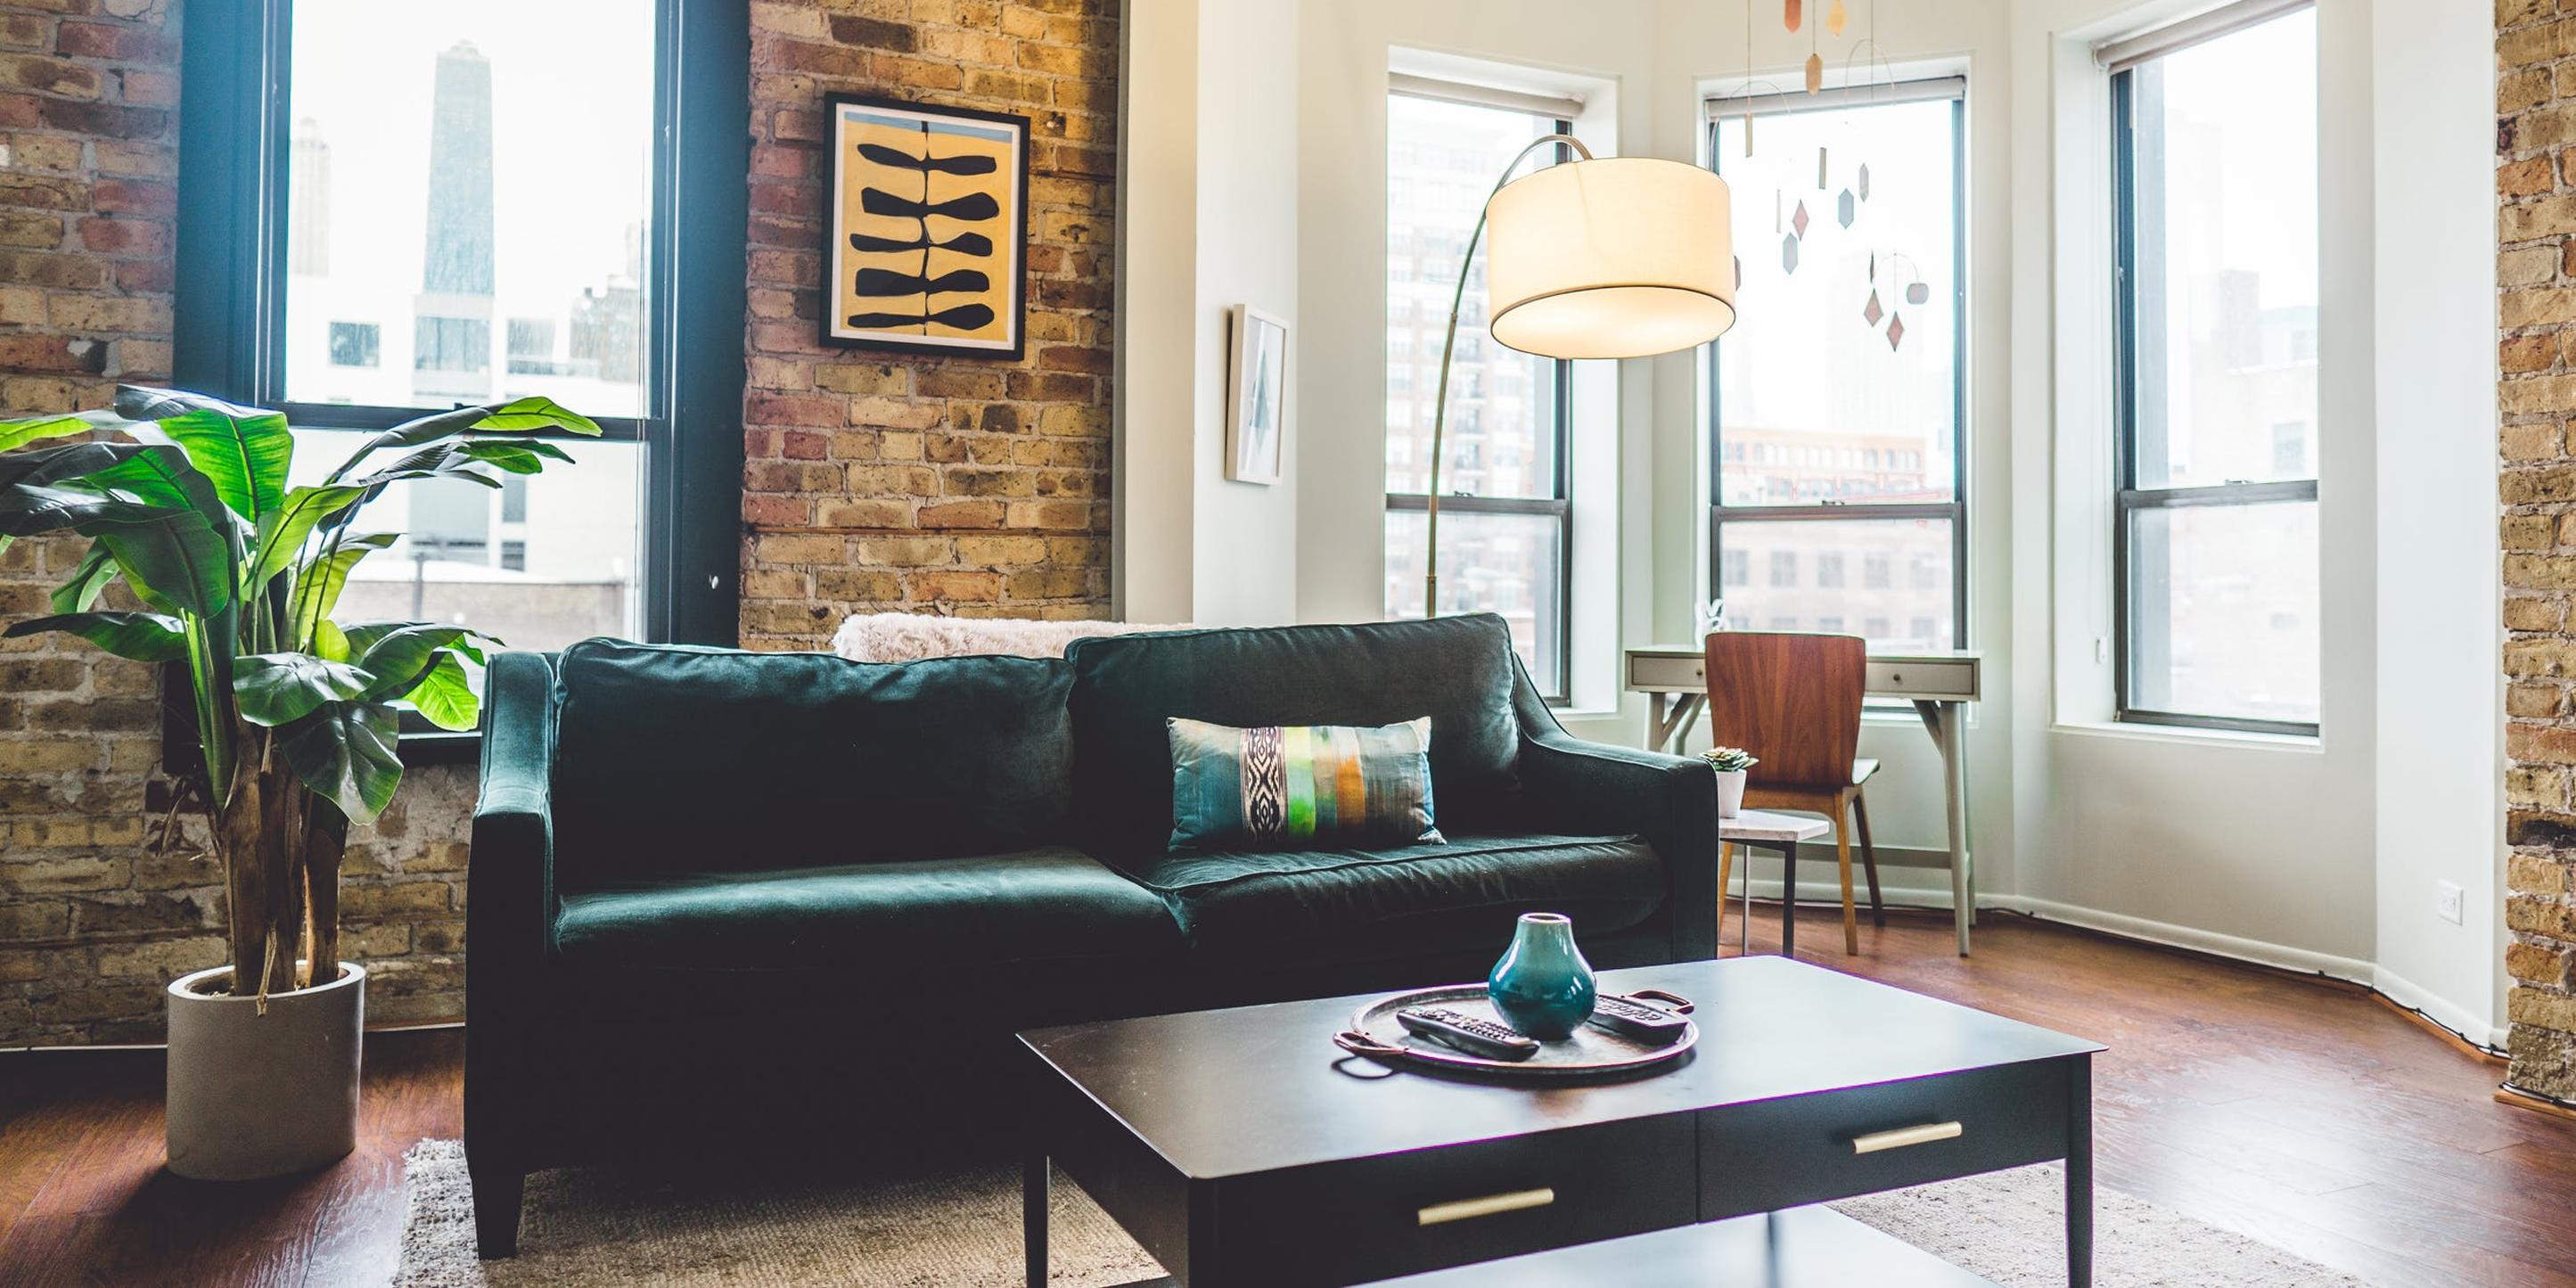 Ein Wohnzimmer: Ein grünes Sofa steht vor einer Backsteinwand. Vor dem Fenster steht ein Schreibtisch.